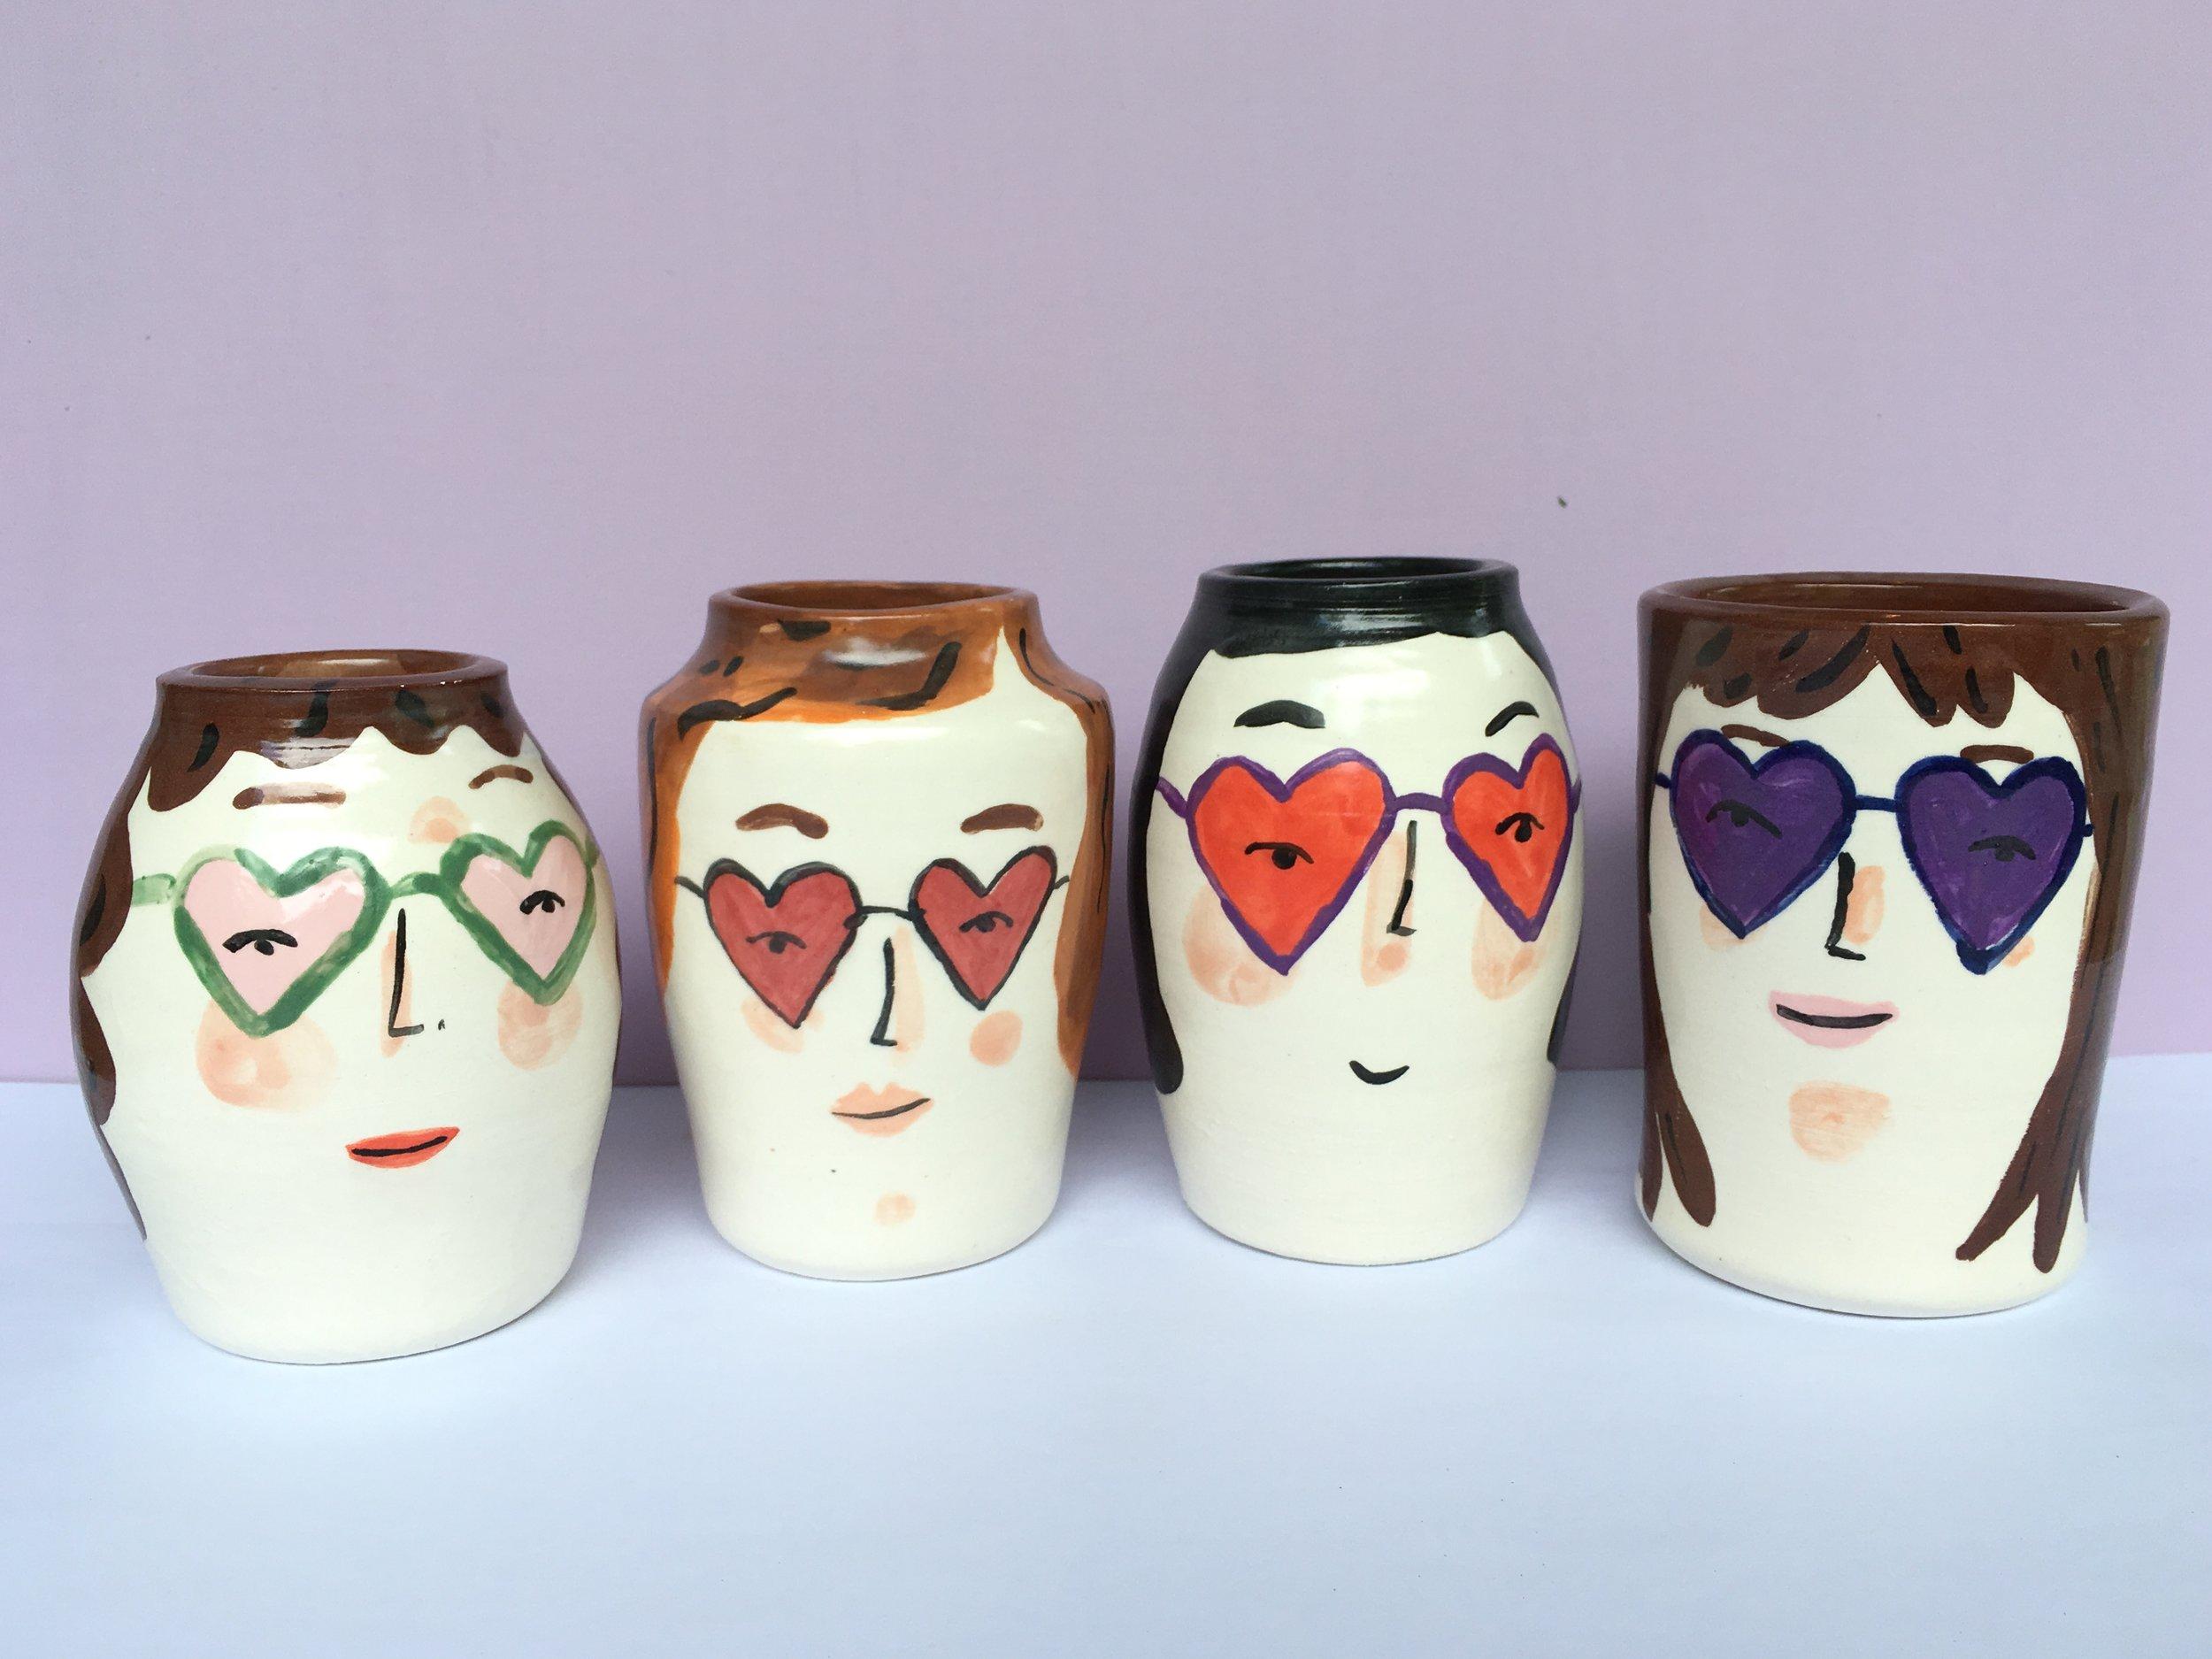 vase sunnies group